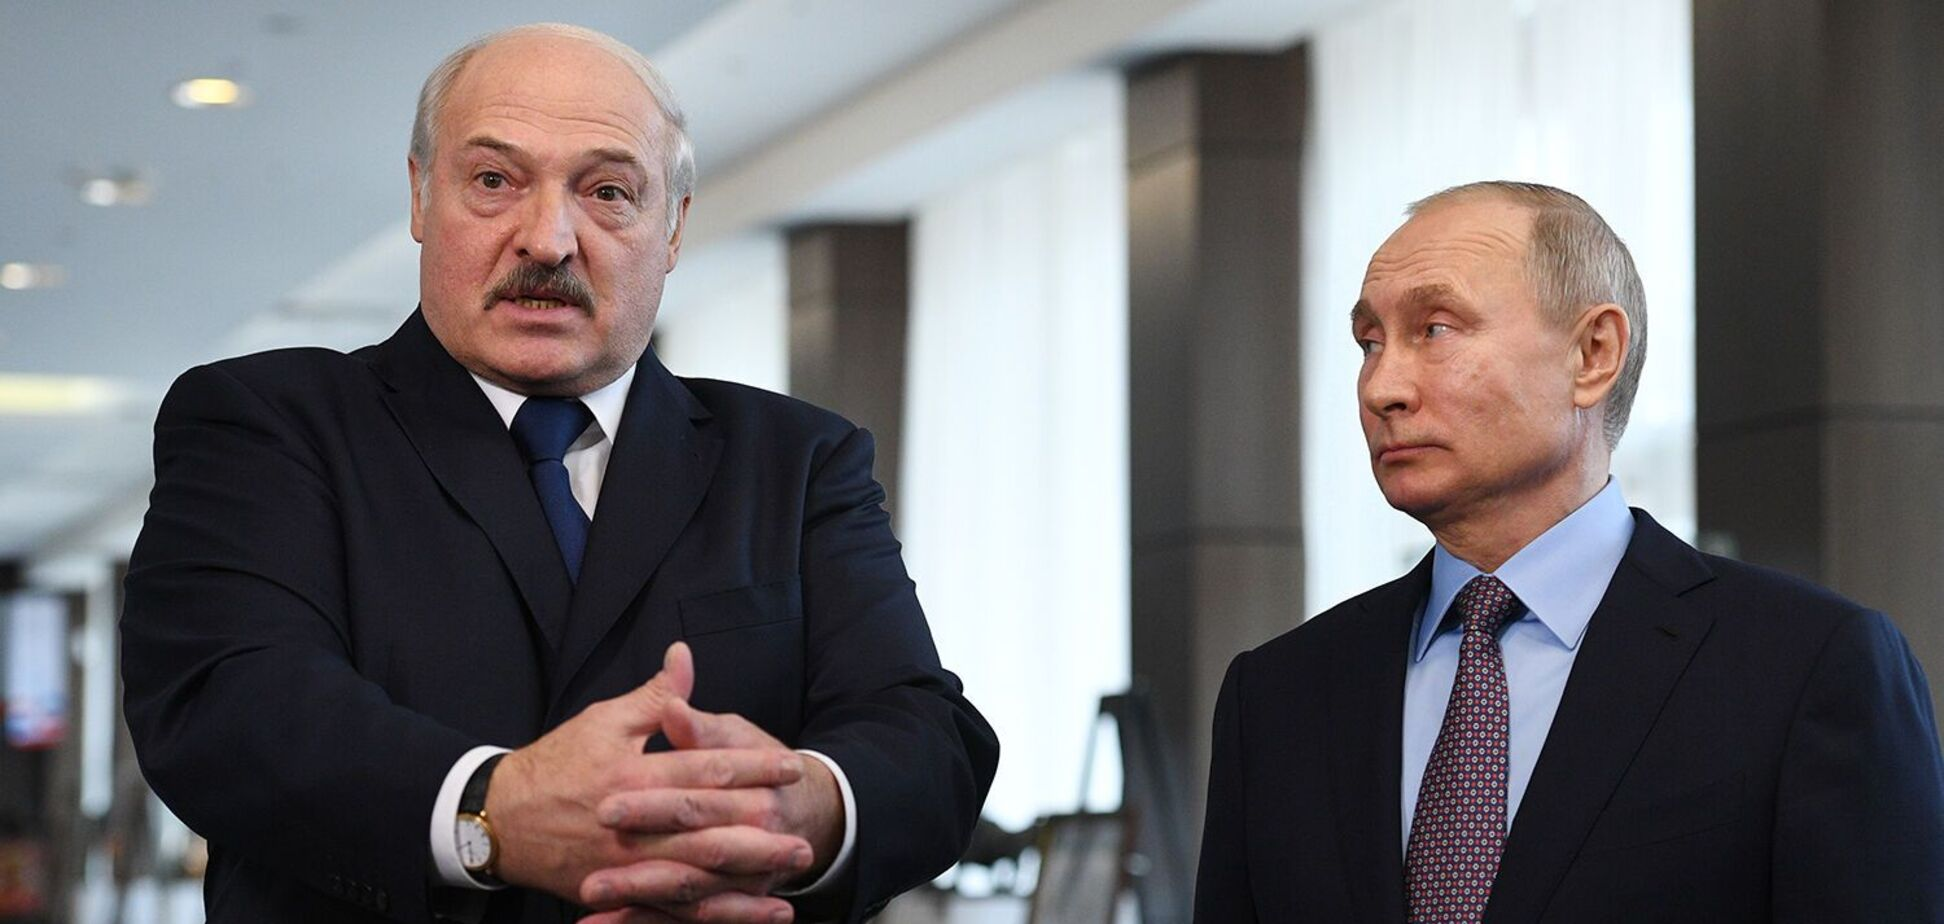 Лукашенко заявил об угрозе для Союзного государства и решил подключить Путина